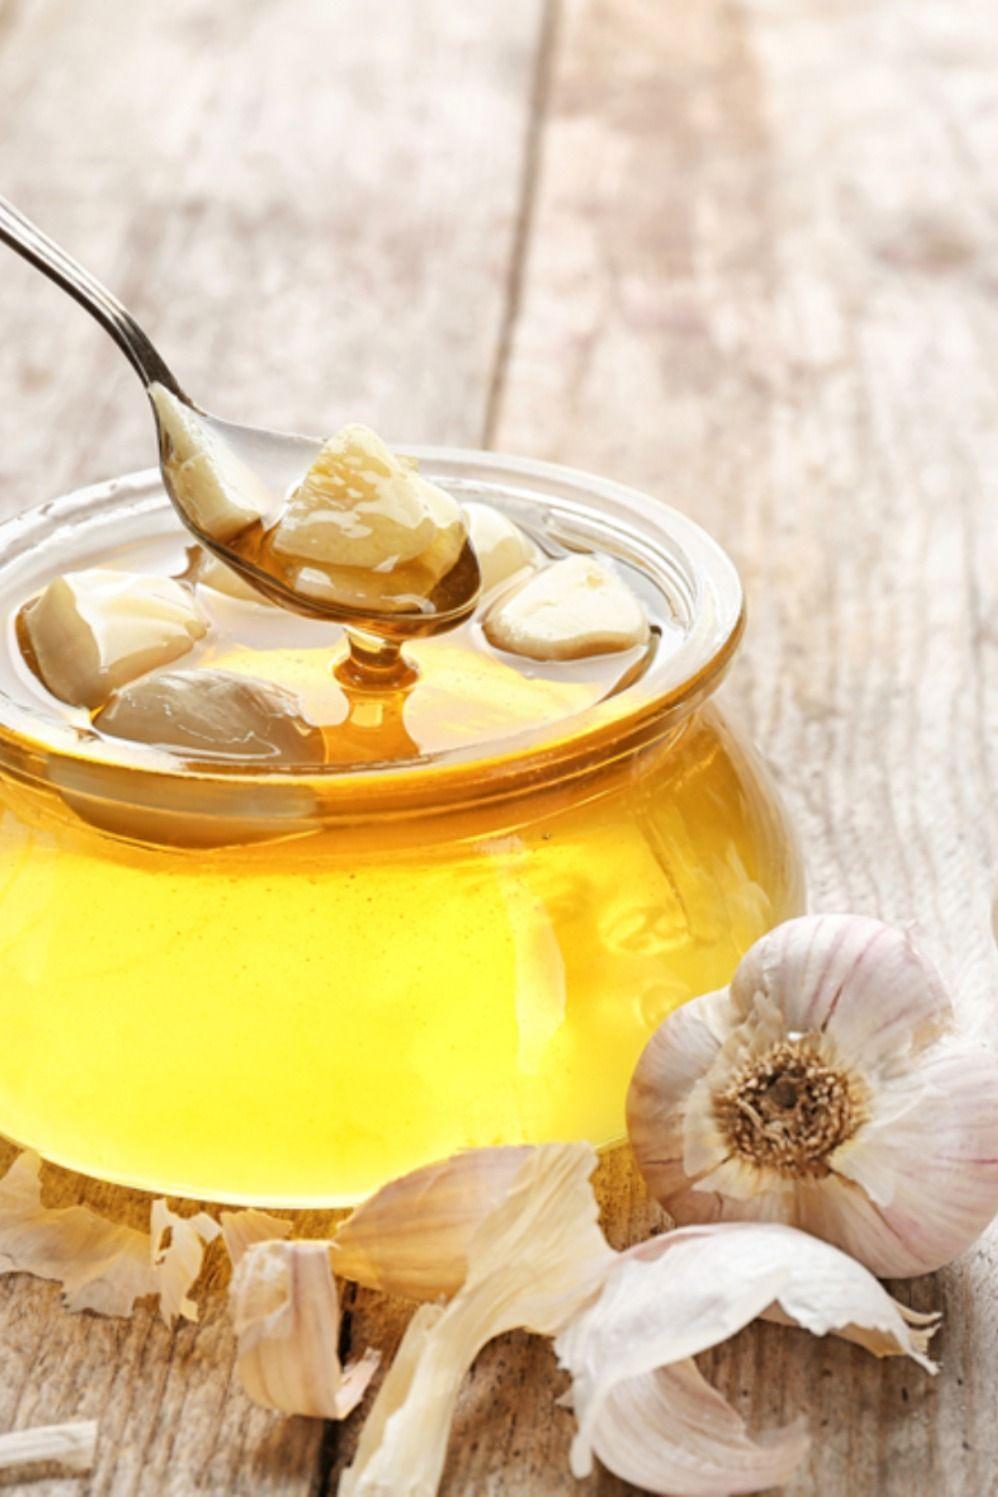 الثوم والعسل وزيت الزيتون لكل من هذه المكونات فوائدها ولكن ماذا سيحدث إن قمت بجمعها معا تعرفوا معنا على فوائد الثوم مع العسل وزيت ا Honey Health Condiments